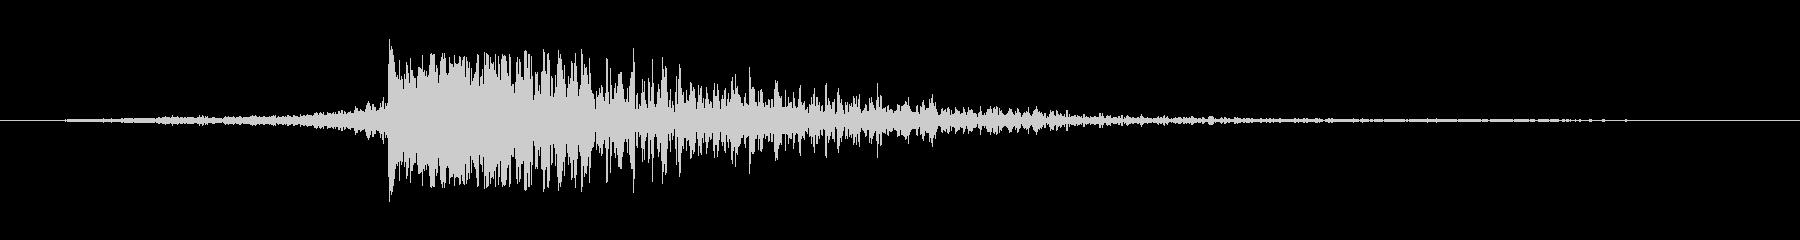 スペル ヒューシュ・ゴング01の未再生の波形